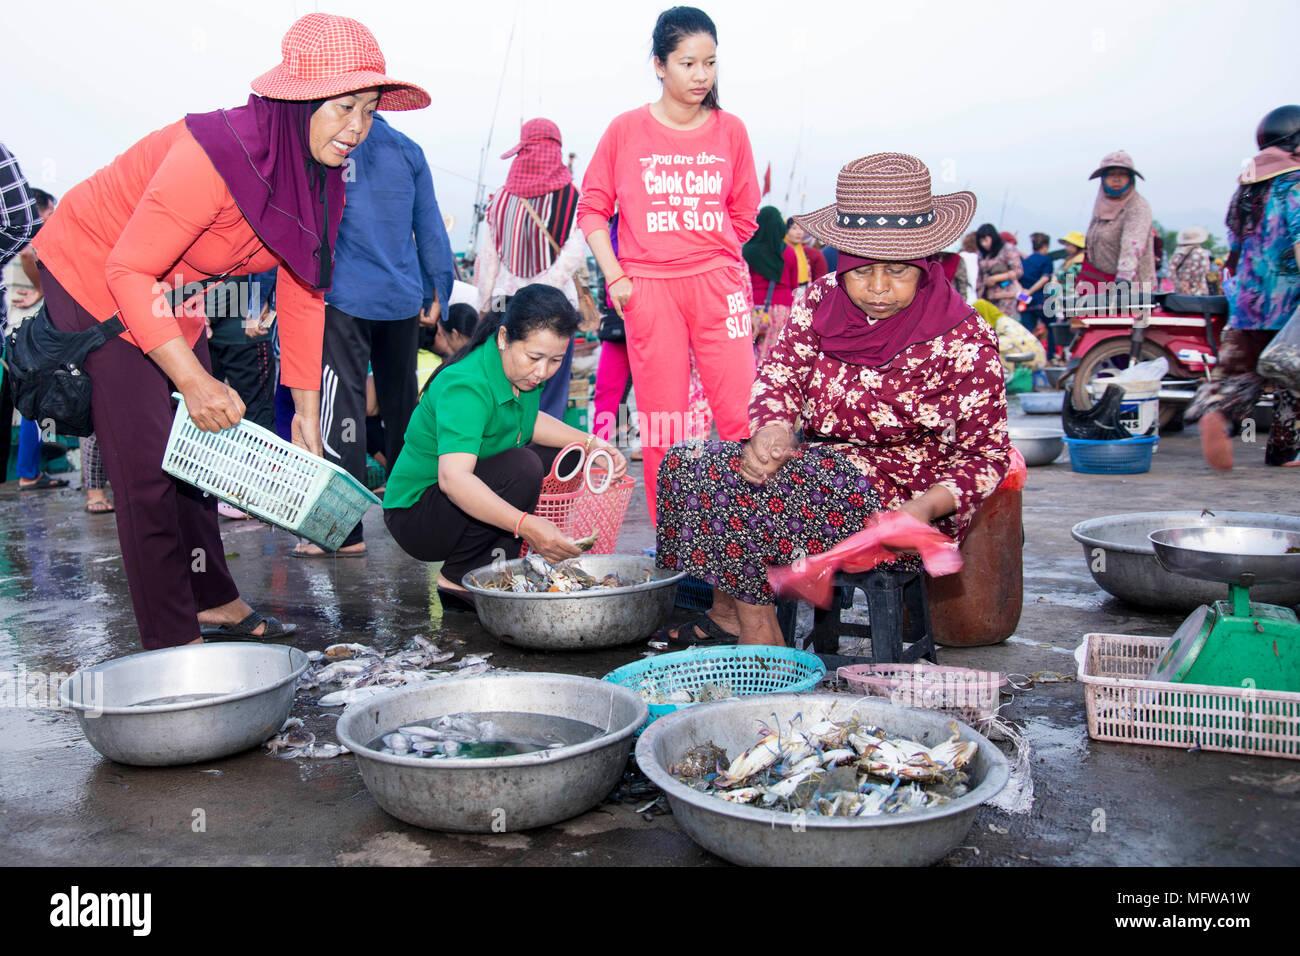 The fish market in Kampot, Cambodia Stock Photo